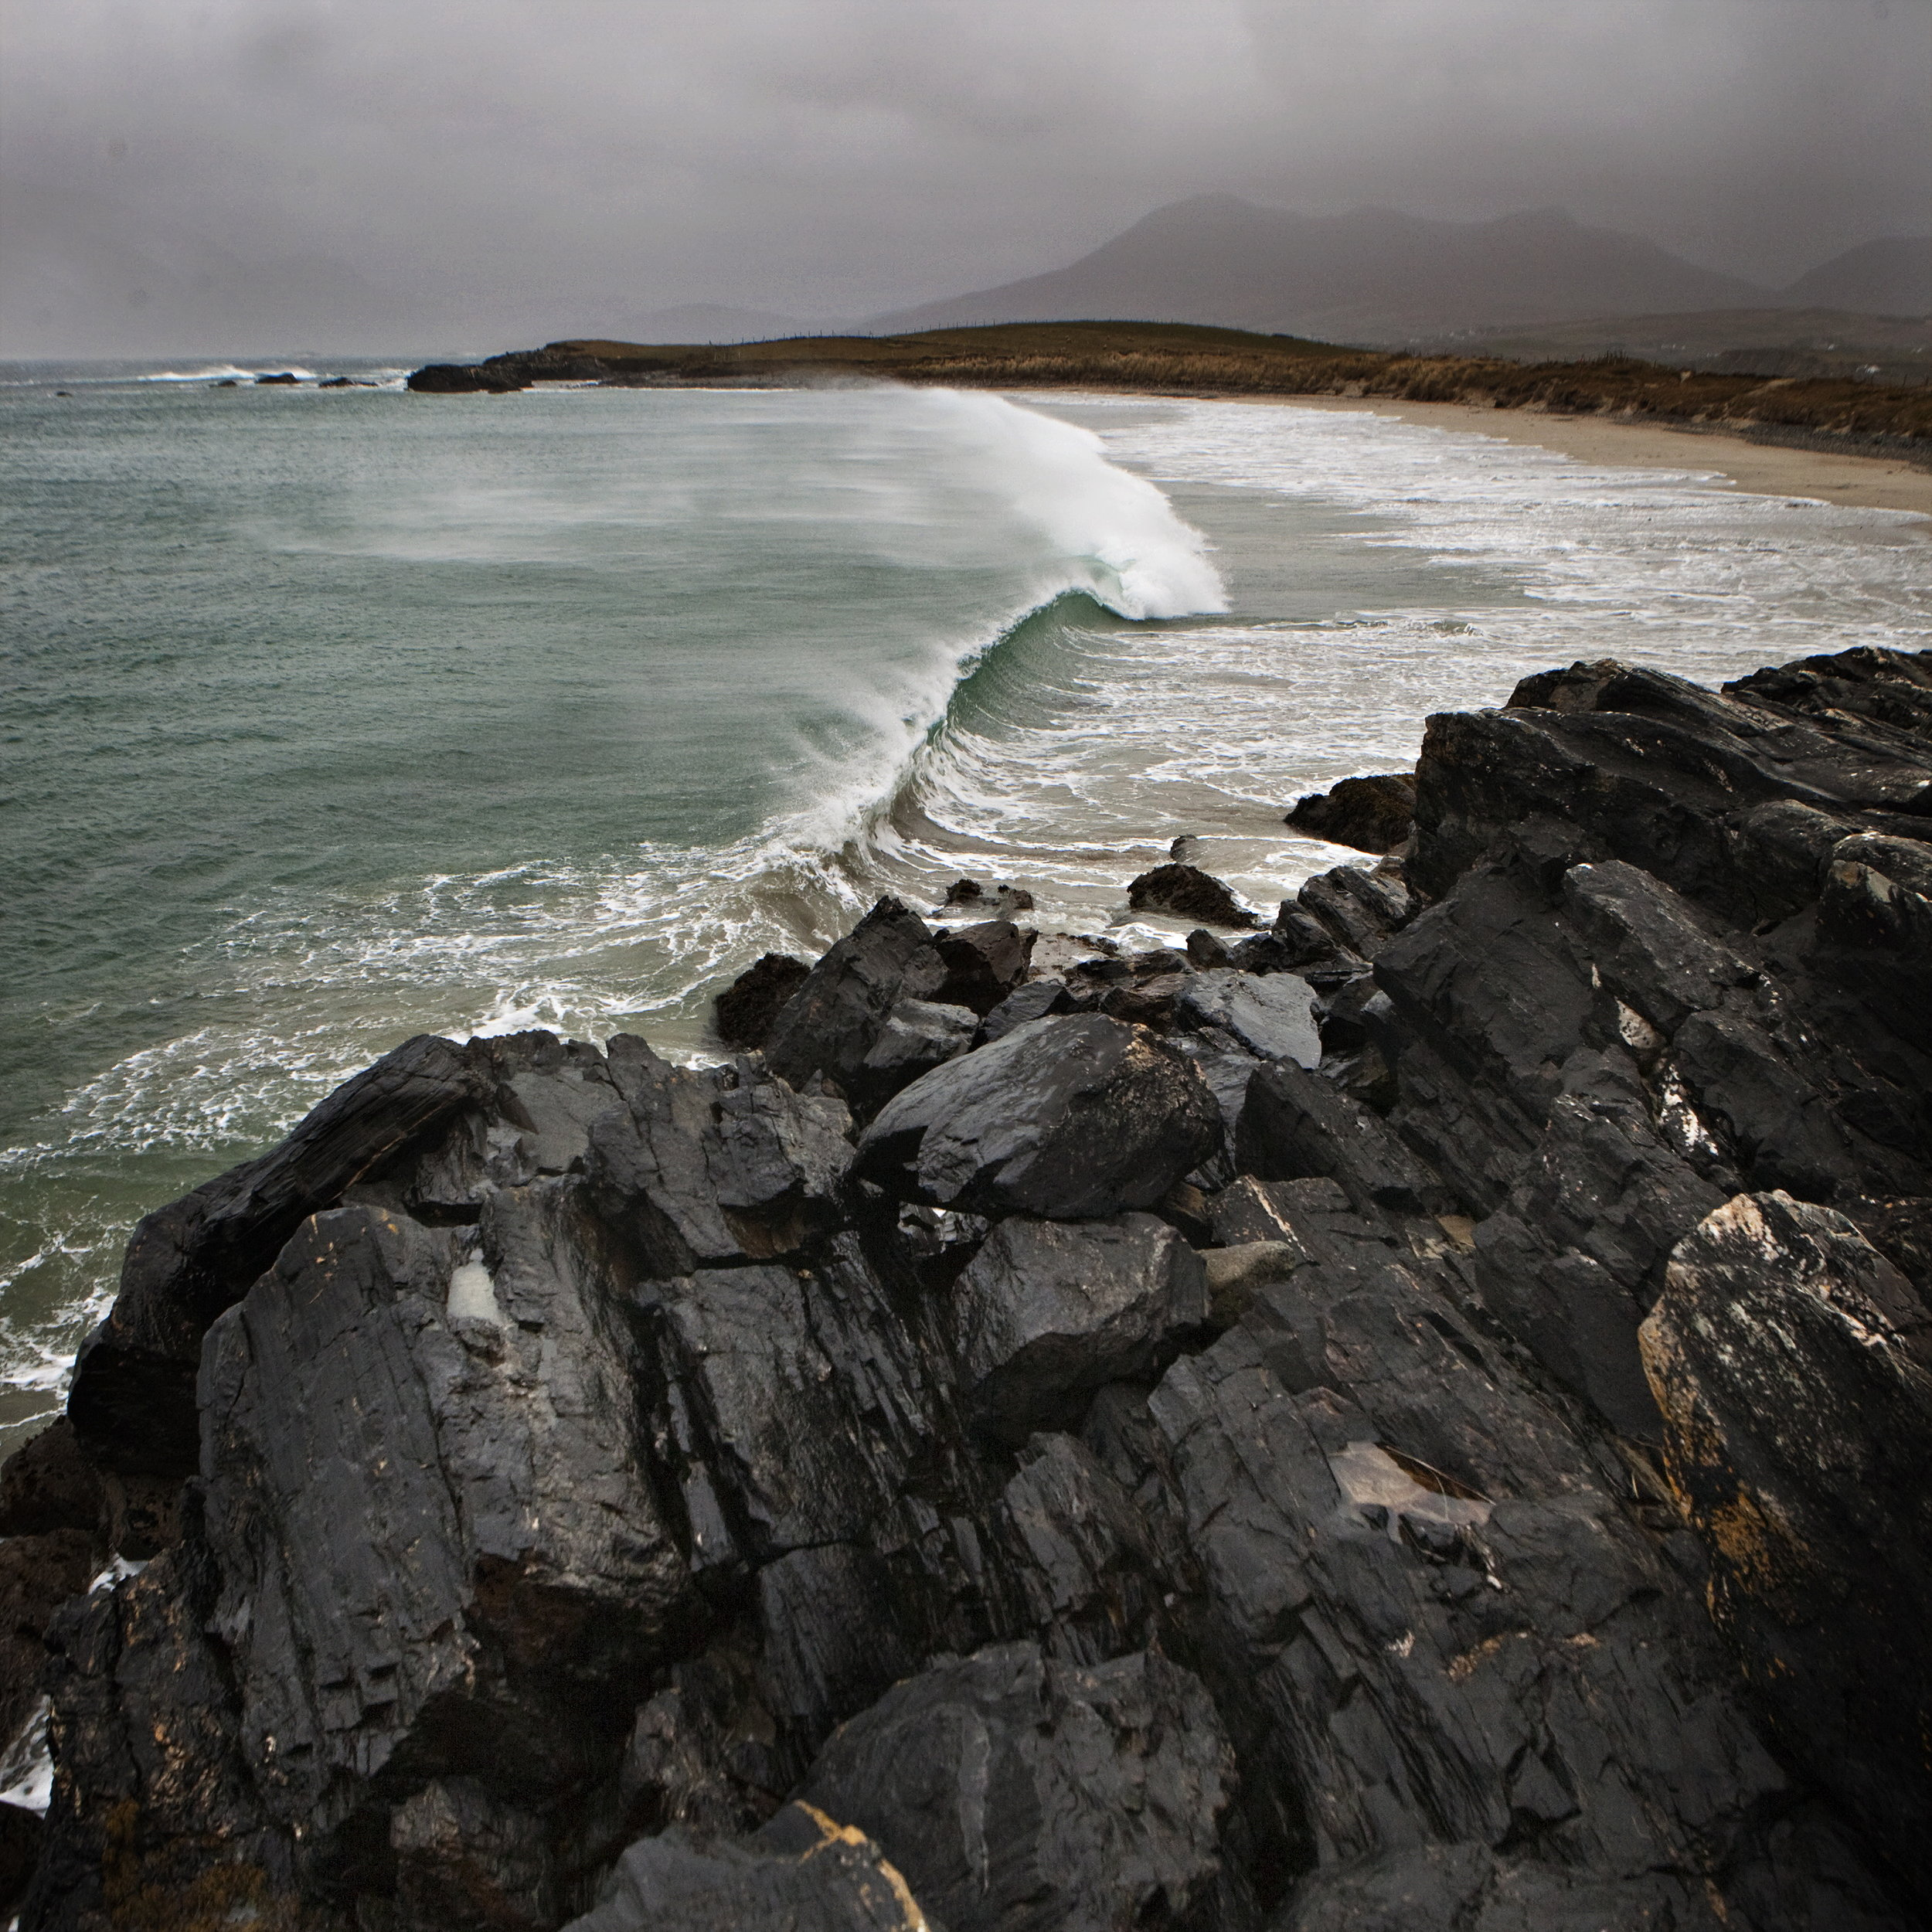 Bickford_Ireland_Tab.003.JPG